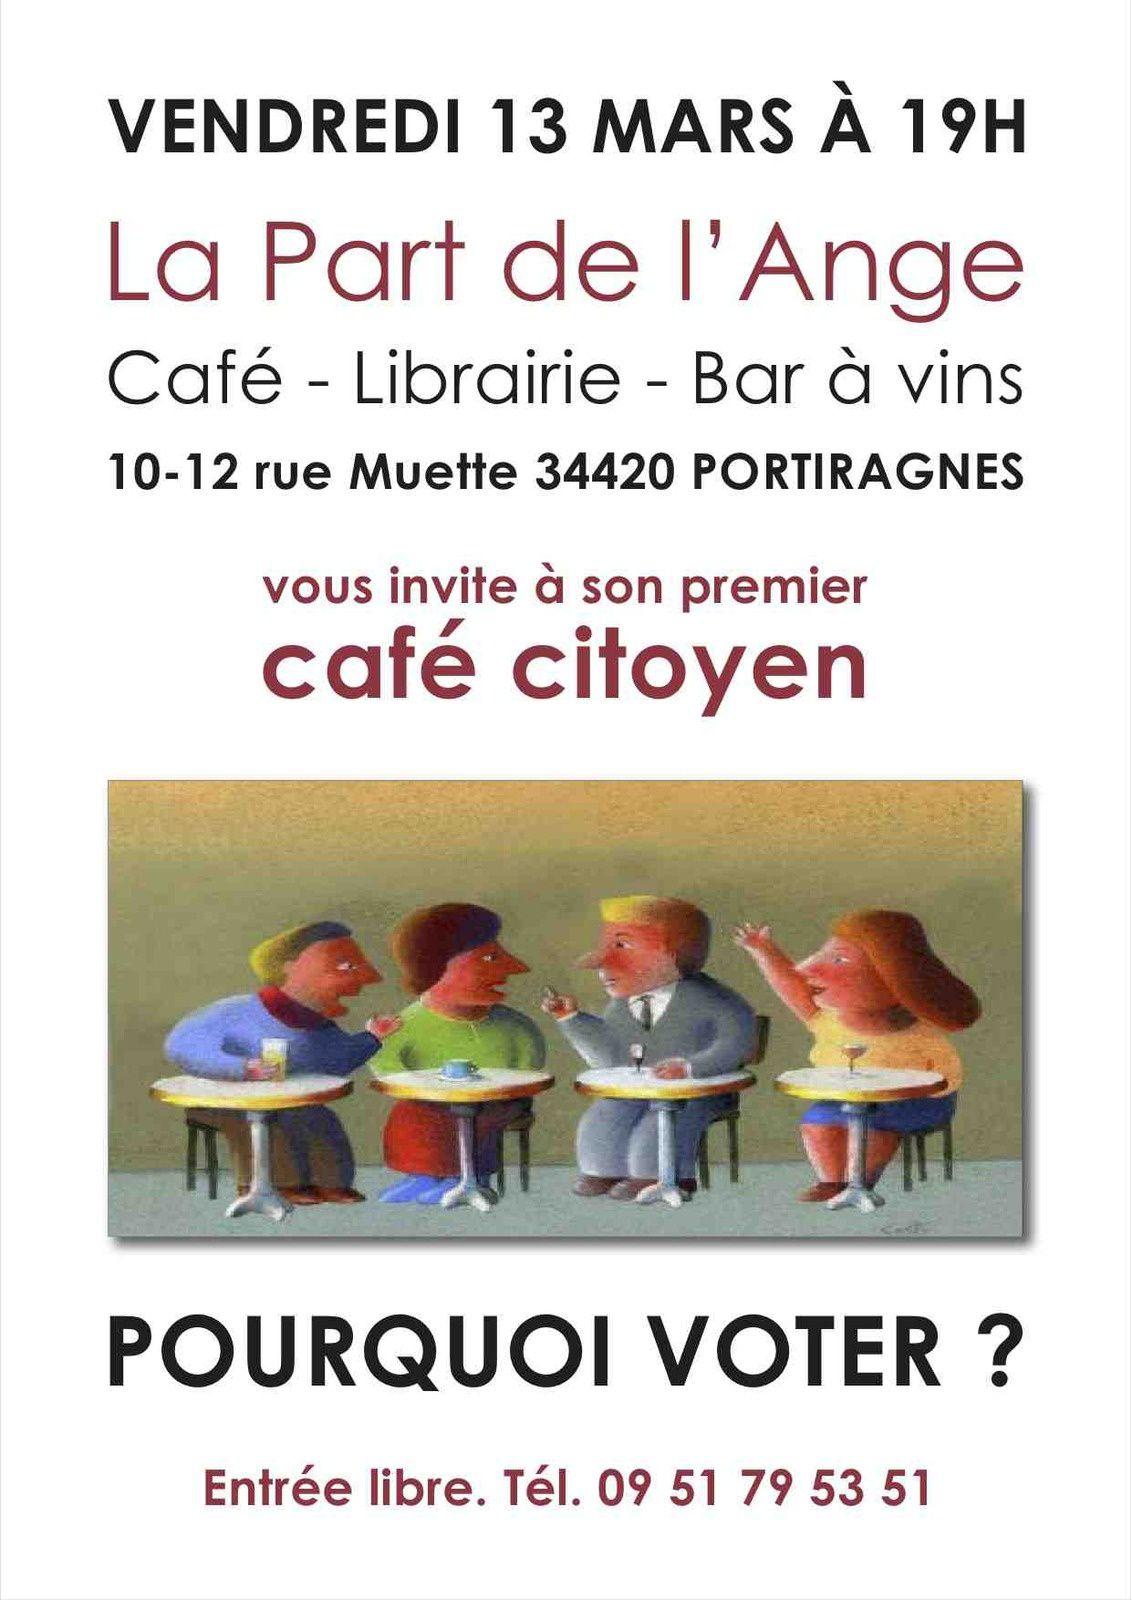 CAFE CITOYEN A LA PART DE L'ANGE